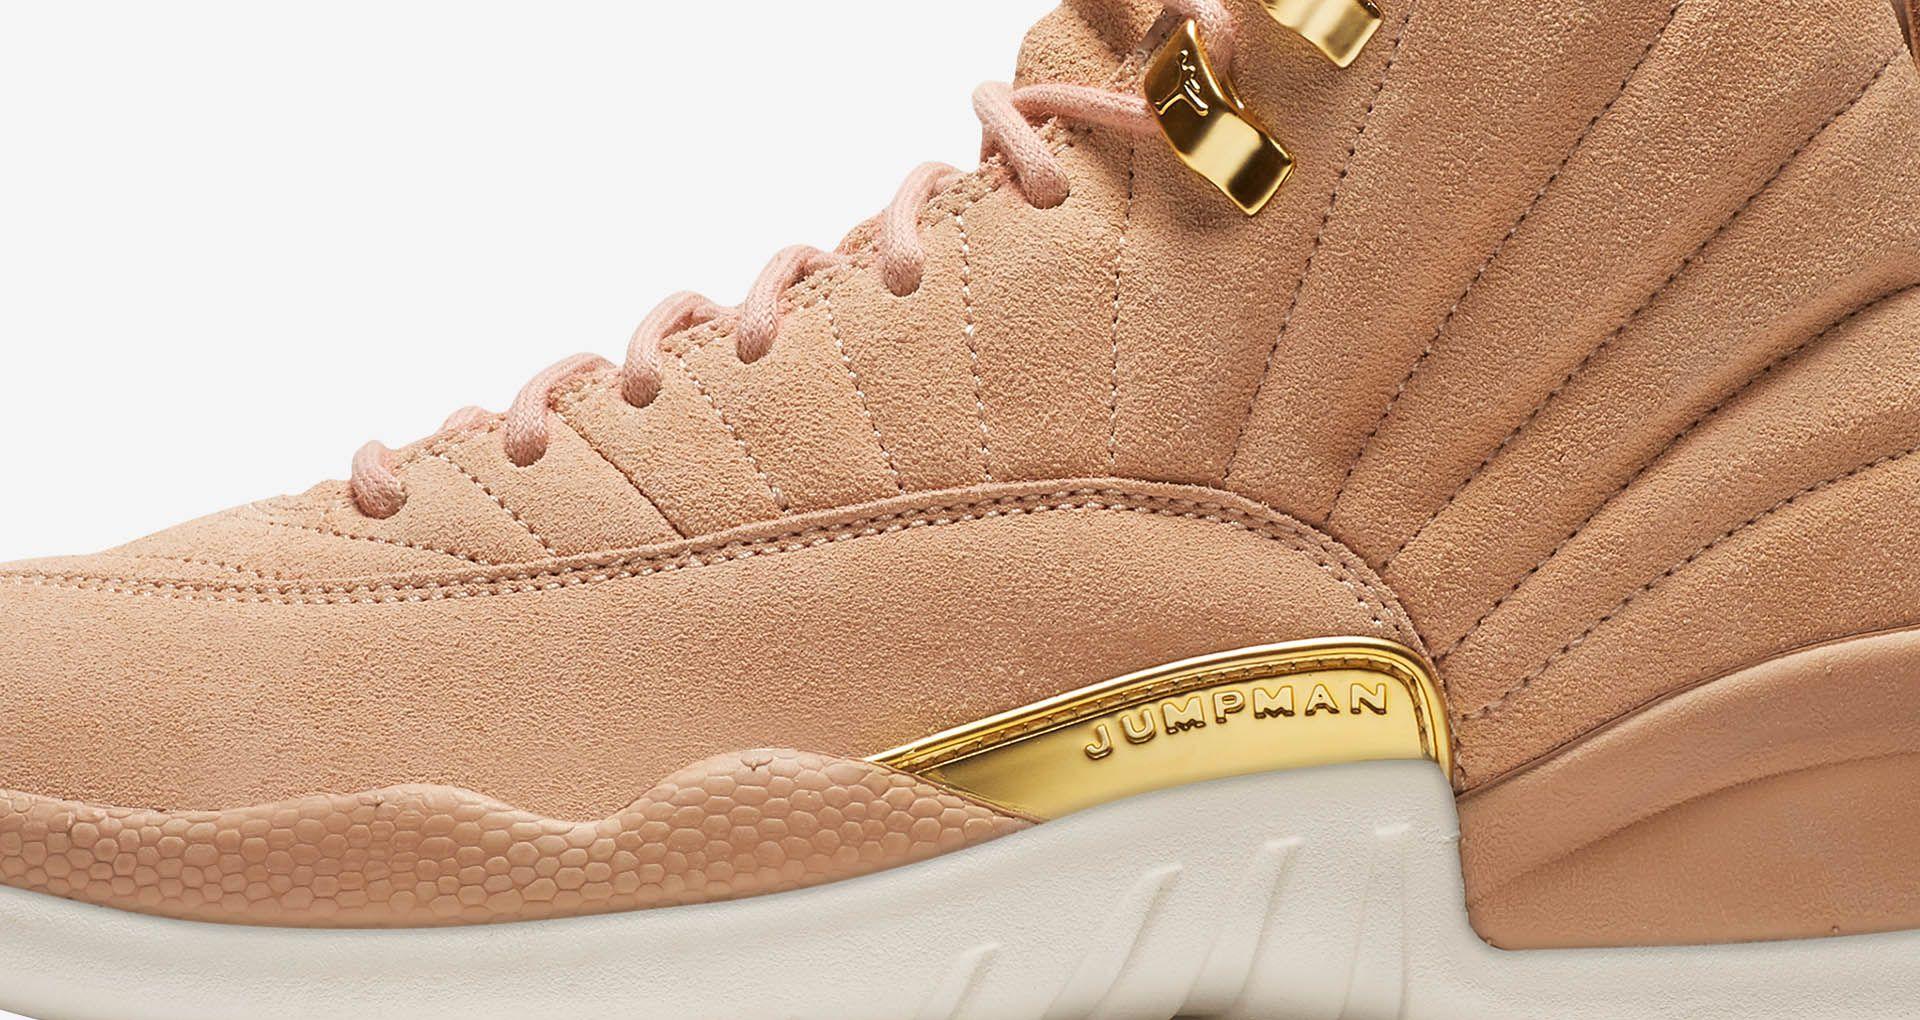 69327269a54 Women s Air Jordan 12  Vachetta Tan   Metallic Gold  Release Date ...